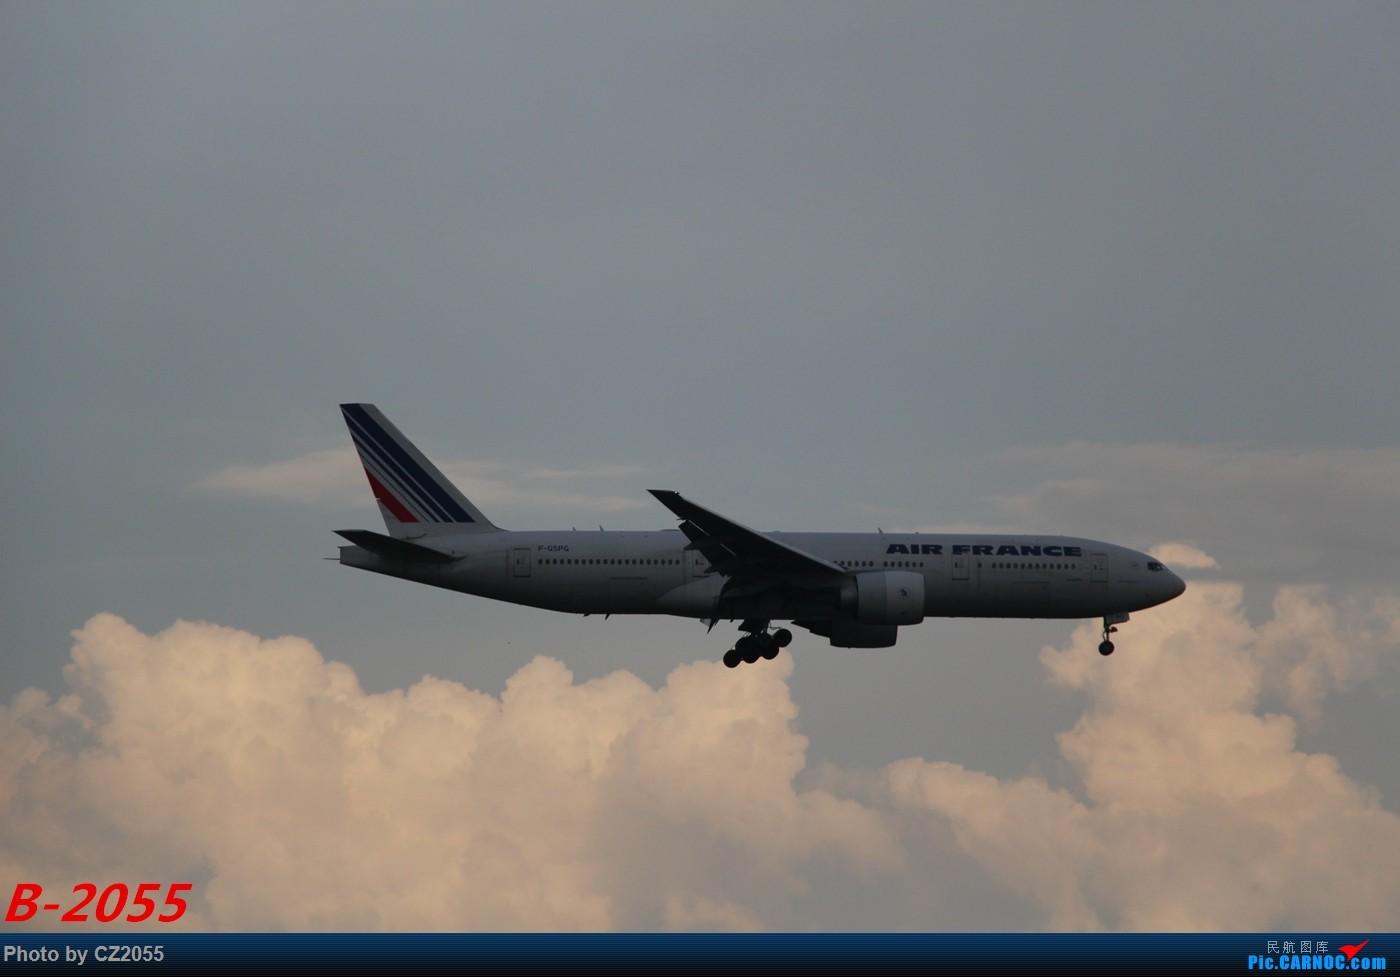 Re:[原创]【广东青少年拍机小队】【C-Z-2055】灰常灰常倒霉的一次拍机! BOEING 777-200 F-GSPG 中国广州白云国际机场